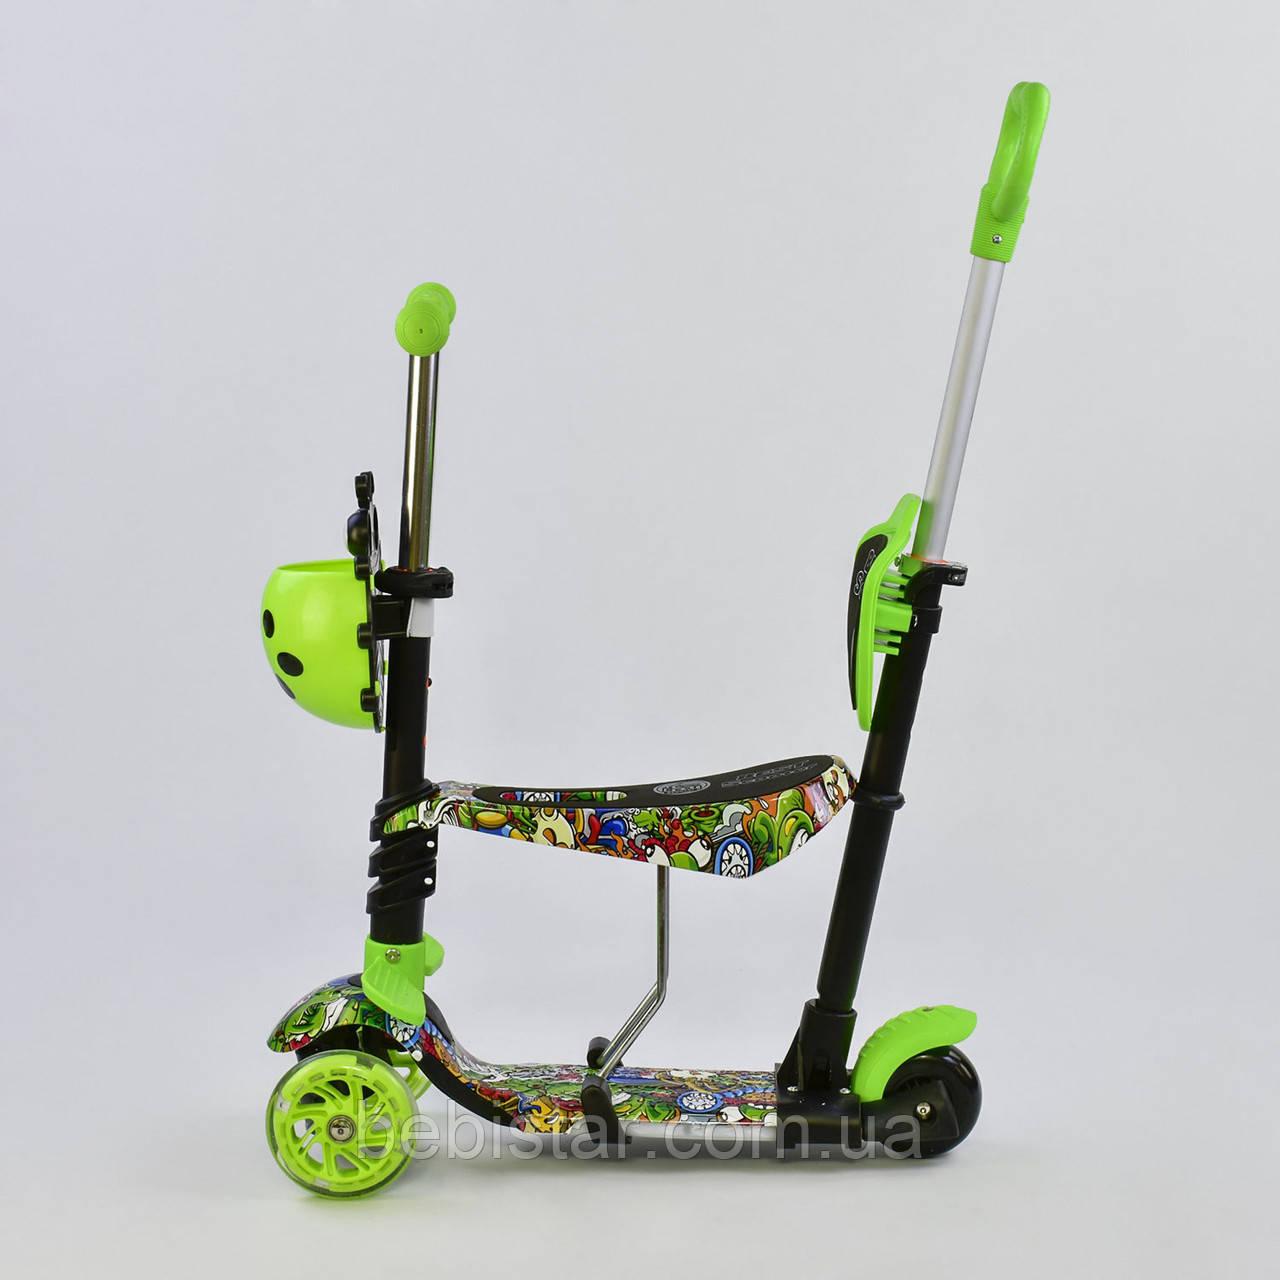 Самокат беговел коляска зеленый с ручкой подсветкой платформы и светящимися колесами малышам от 1 года